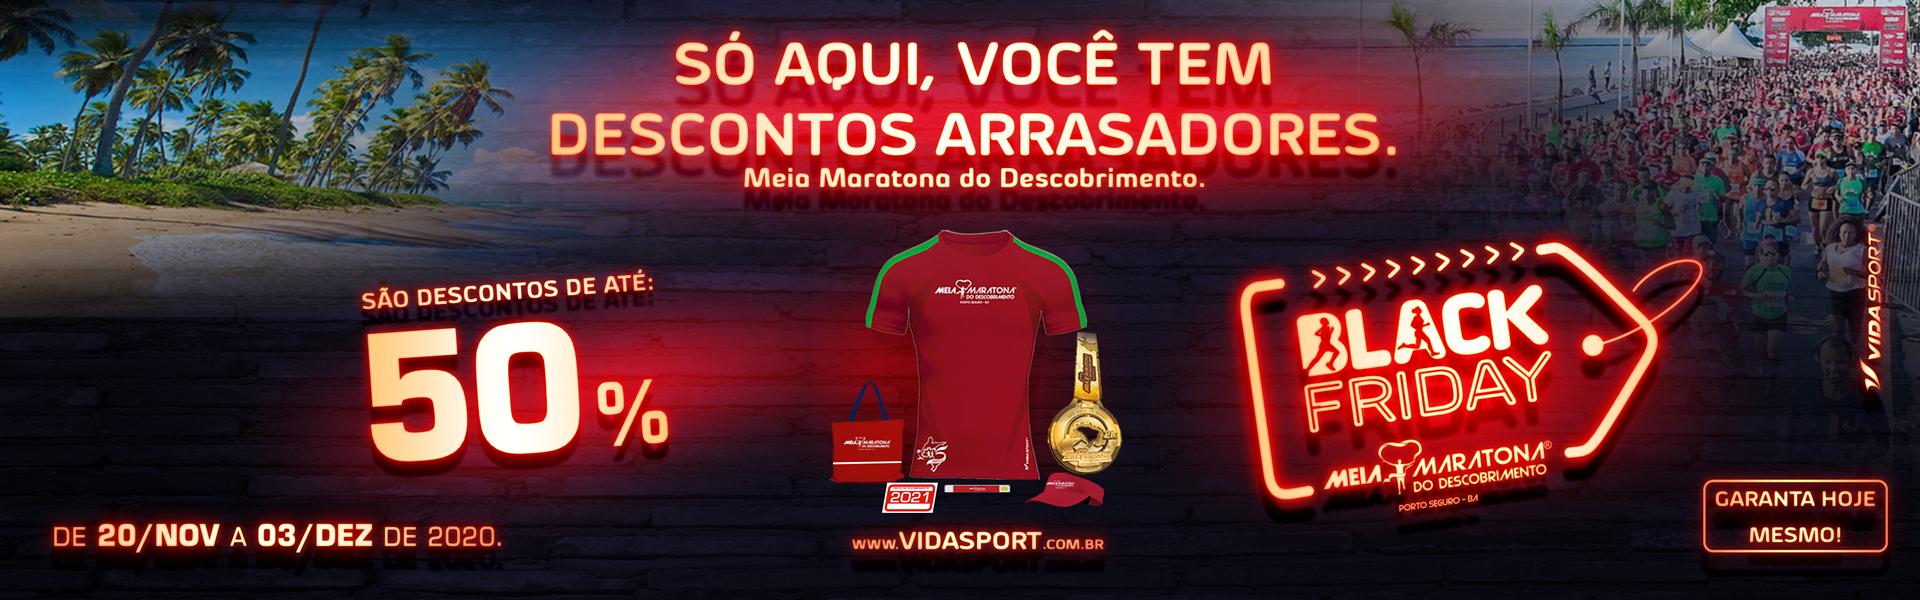 Black Friday Meia Maratona do Descobrimento - 2021 - Vida ...